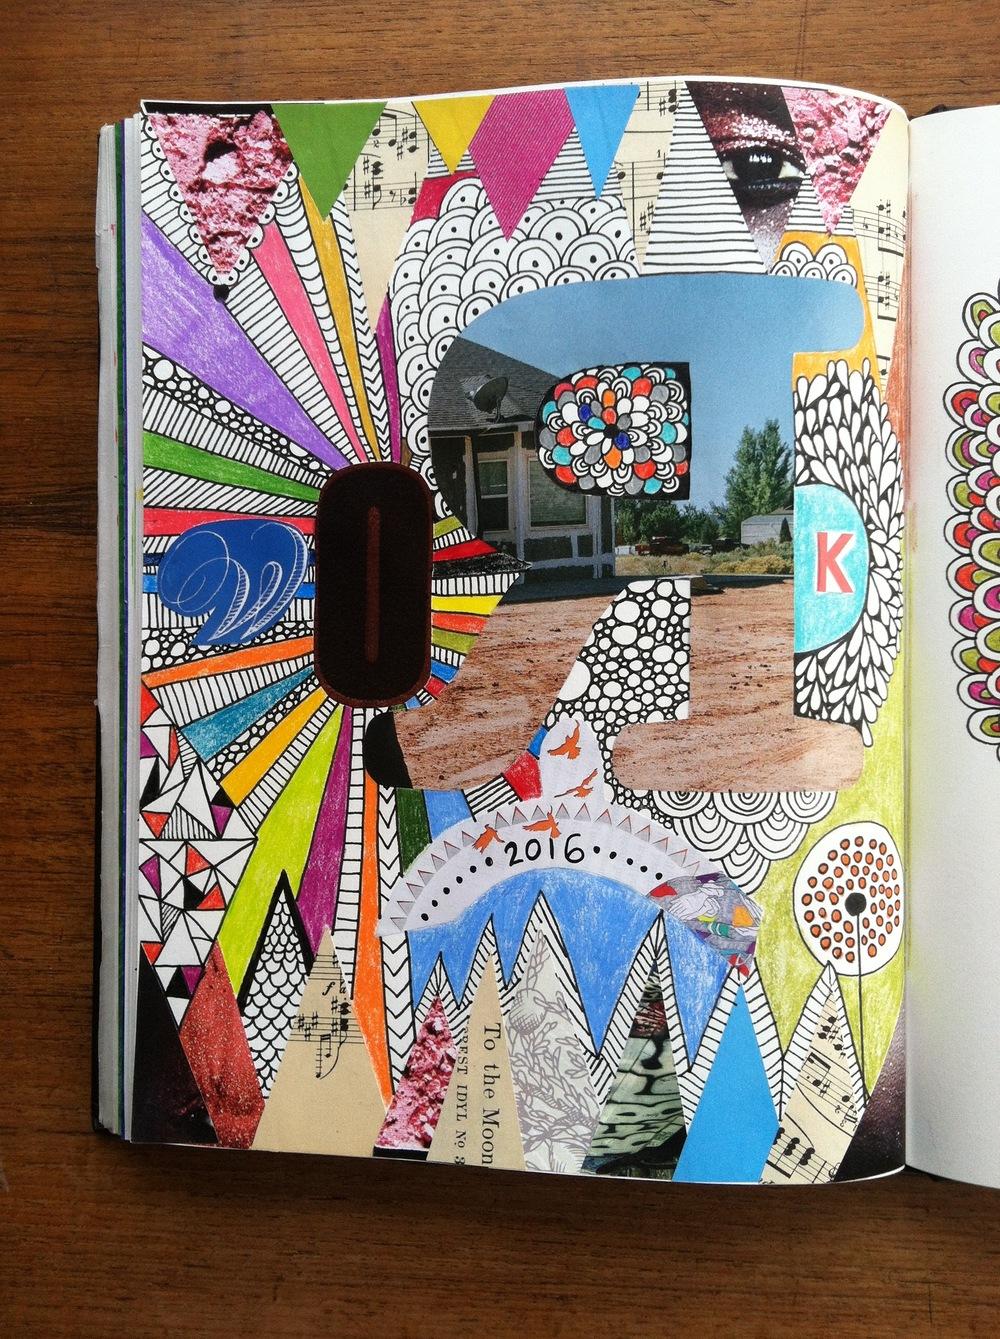 2016 WORK collage